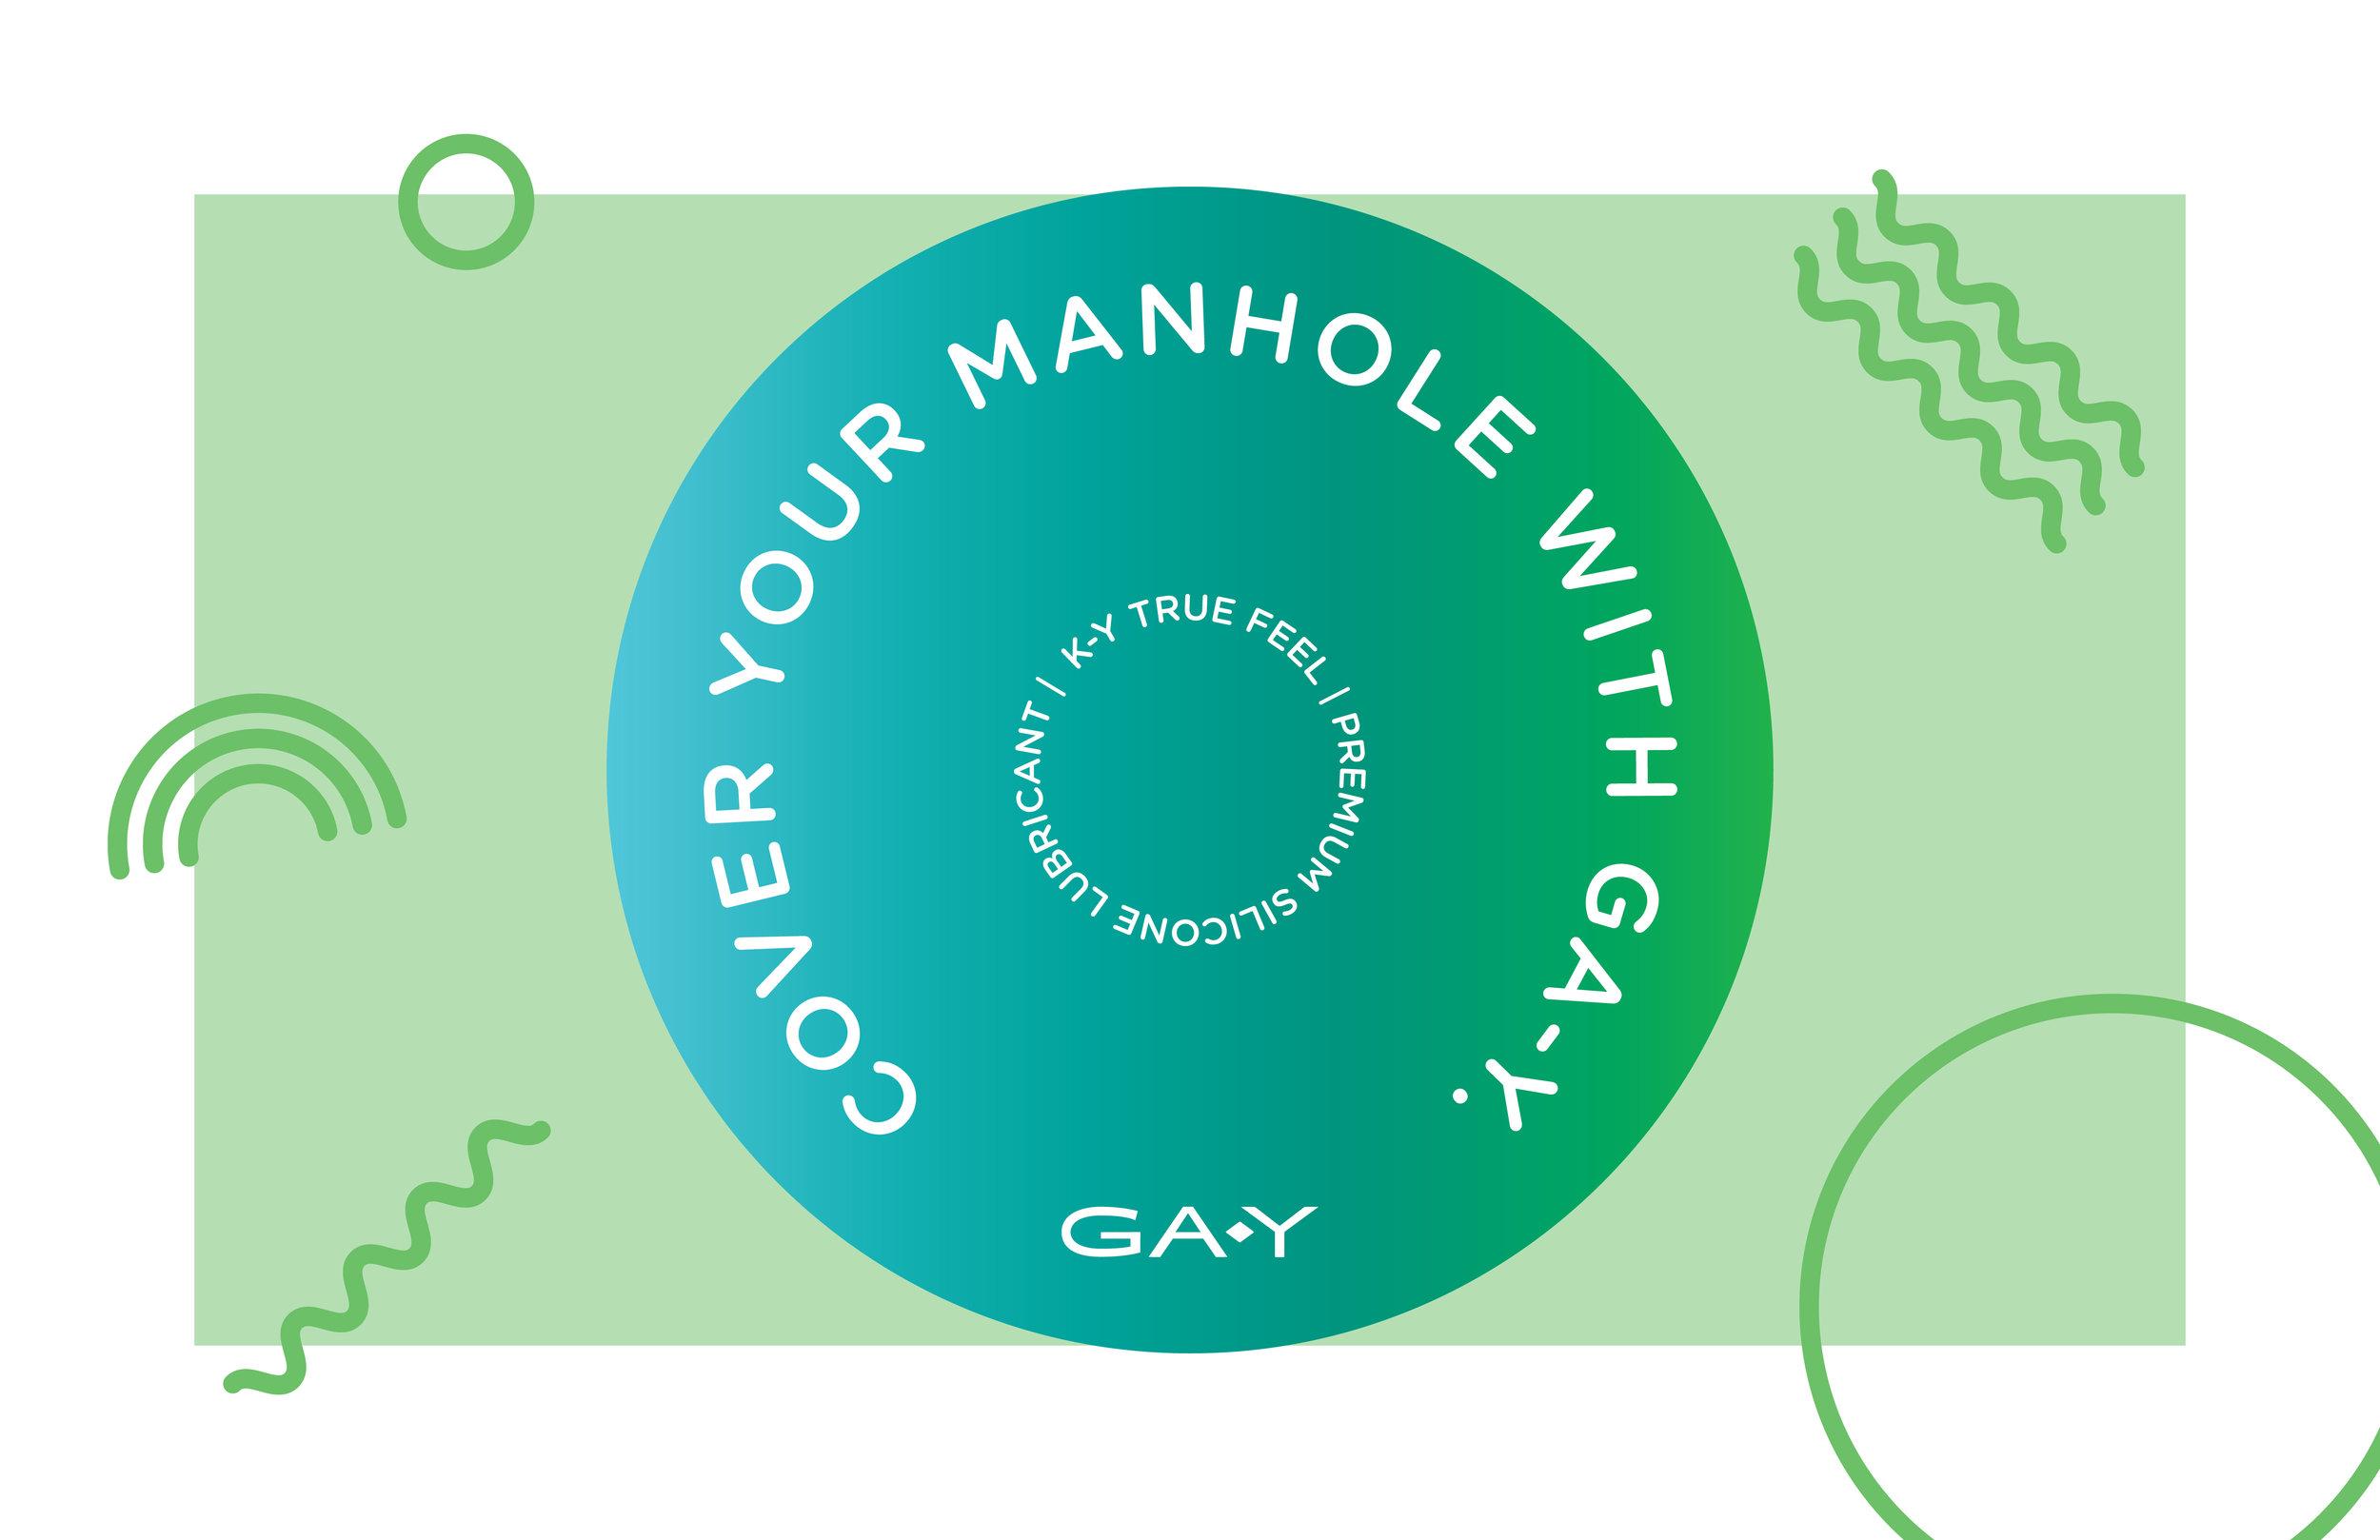 manholes2.jpg